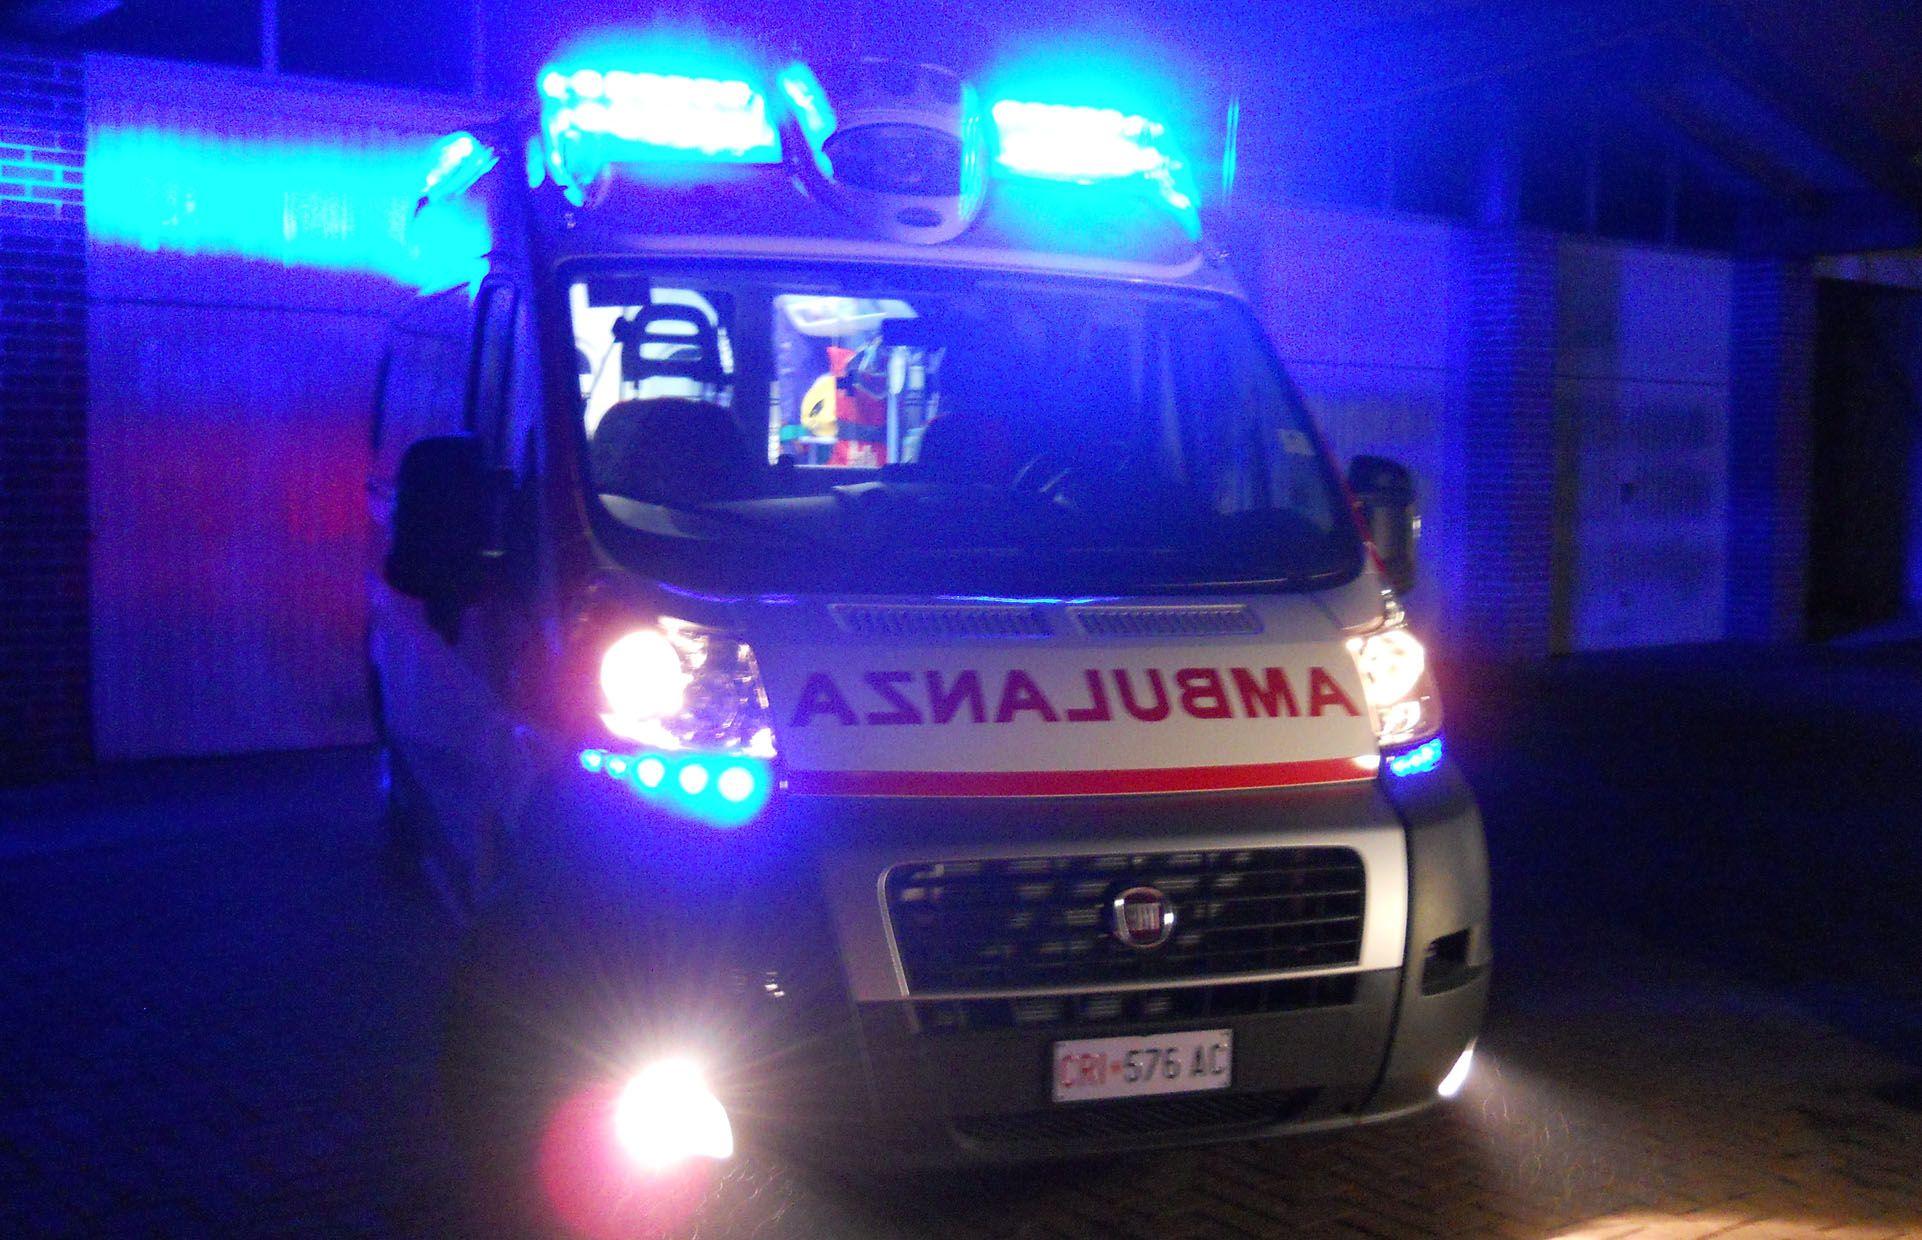 IVREA - Due infermiere aggredite vicino all'ospedale: Nursind chiede un incontro a sindaco, forze dell'ordine e Asl To4